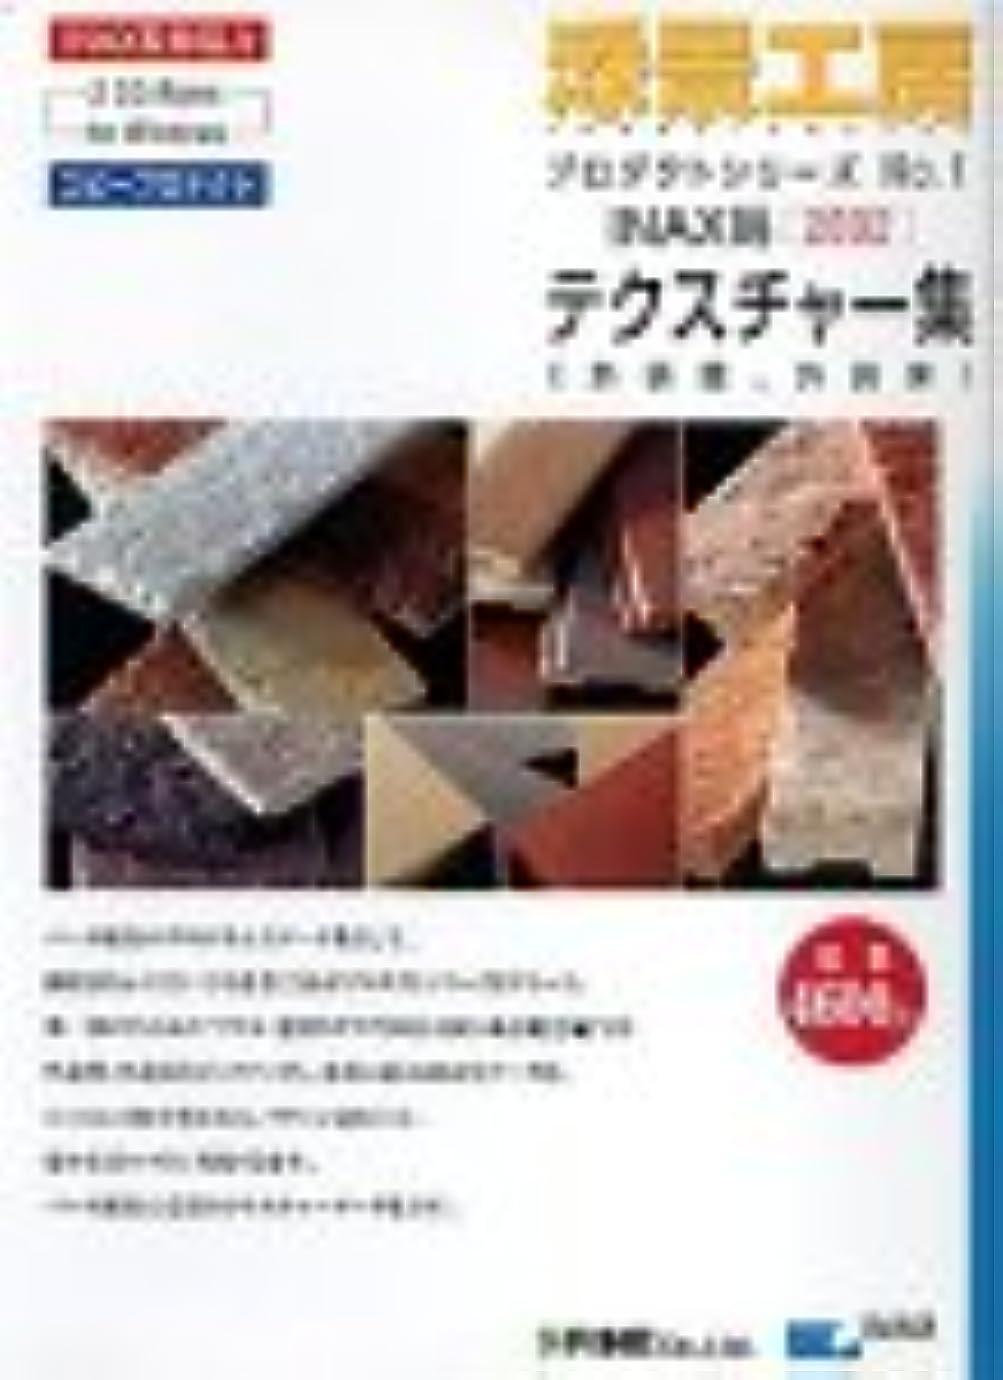 達成クスコ寂しい添景工房プロダクトシリーズ 1 INAX編 2002 テクスチャー集